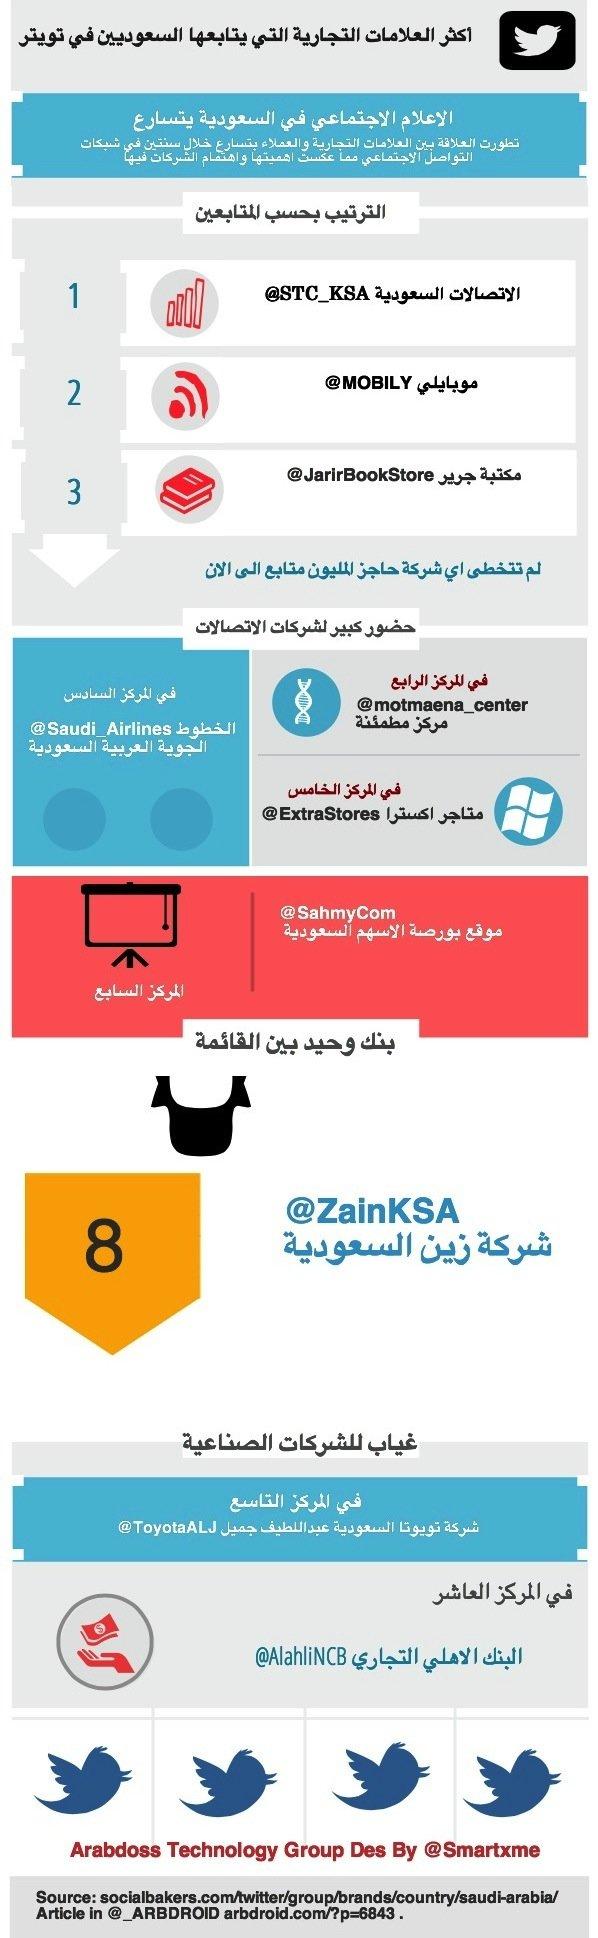 أكثر العلامات التجارية التي يتابعها السعوديين #KSA